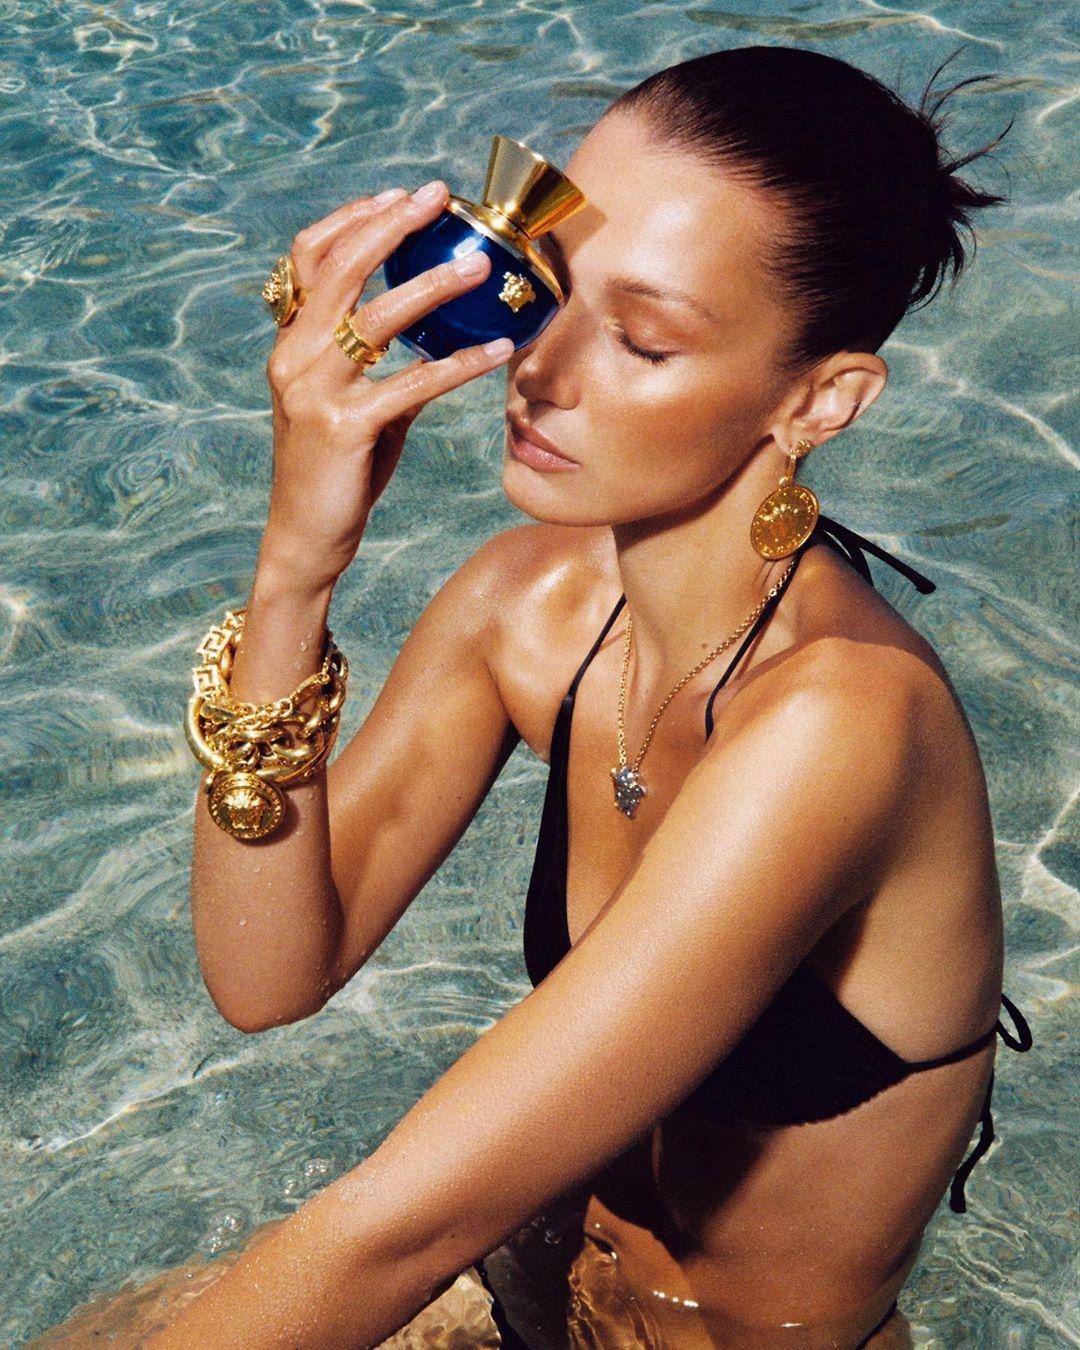 Мечты о лете: Белла Хадид в новой рекламной кампании Versace (ФОТО) - фото №1